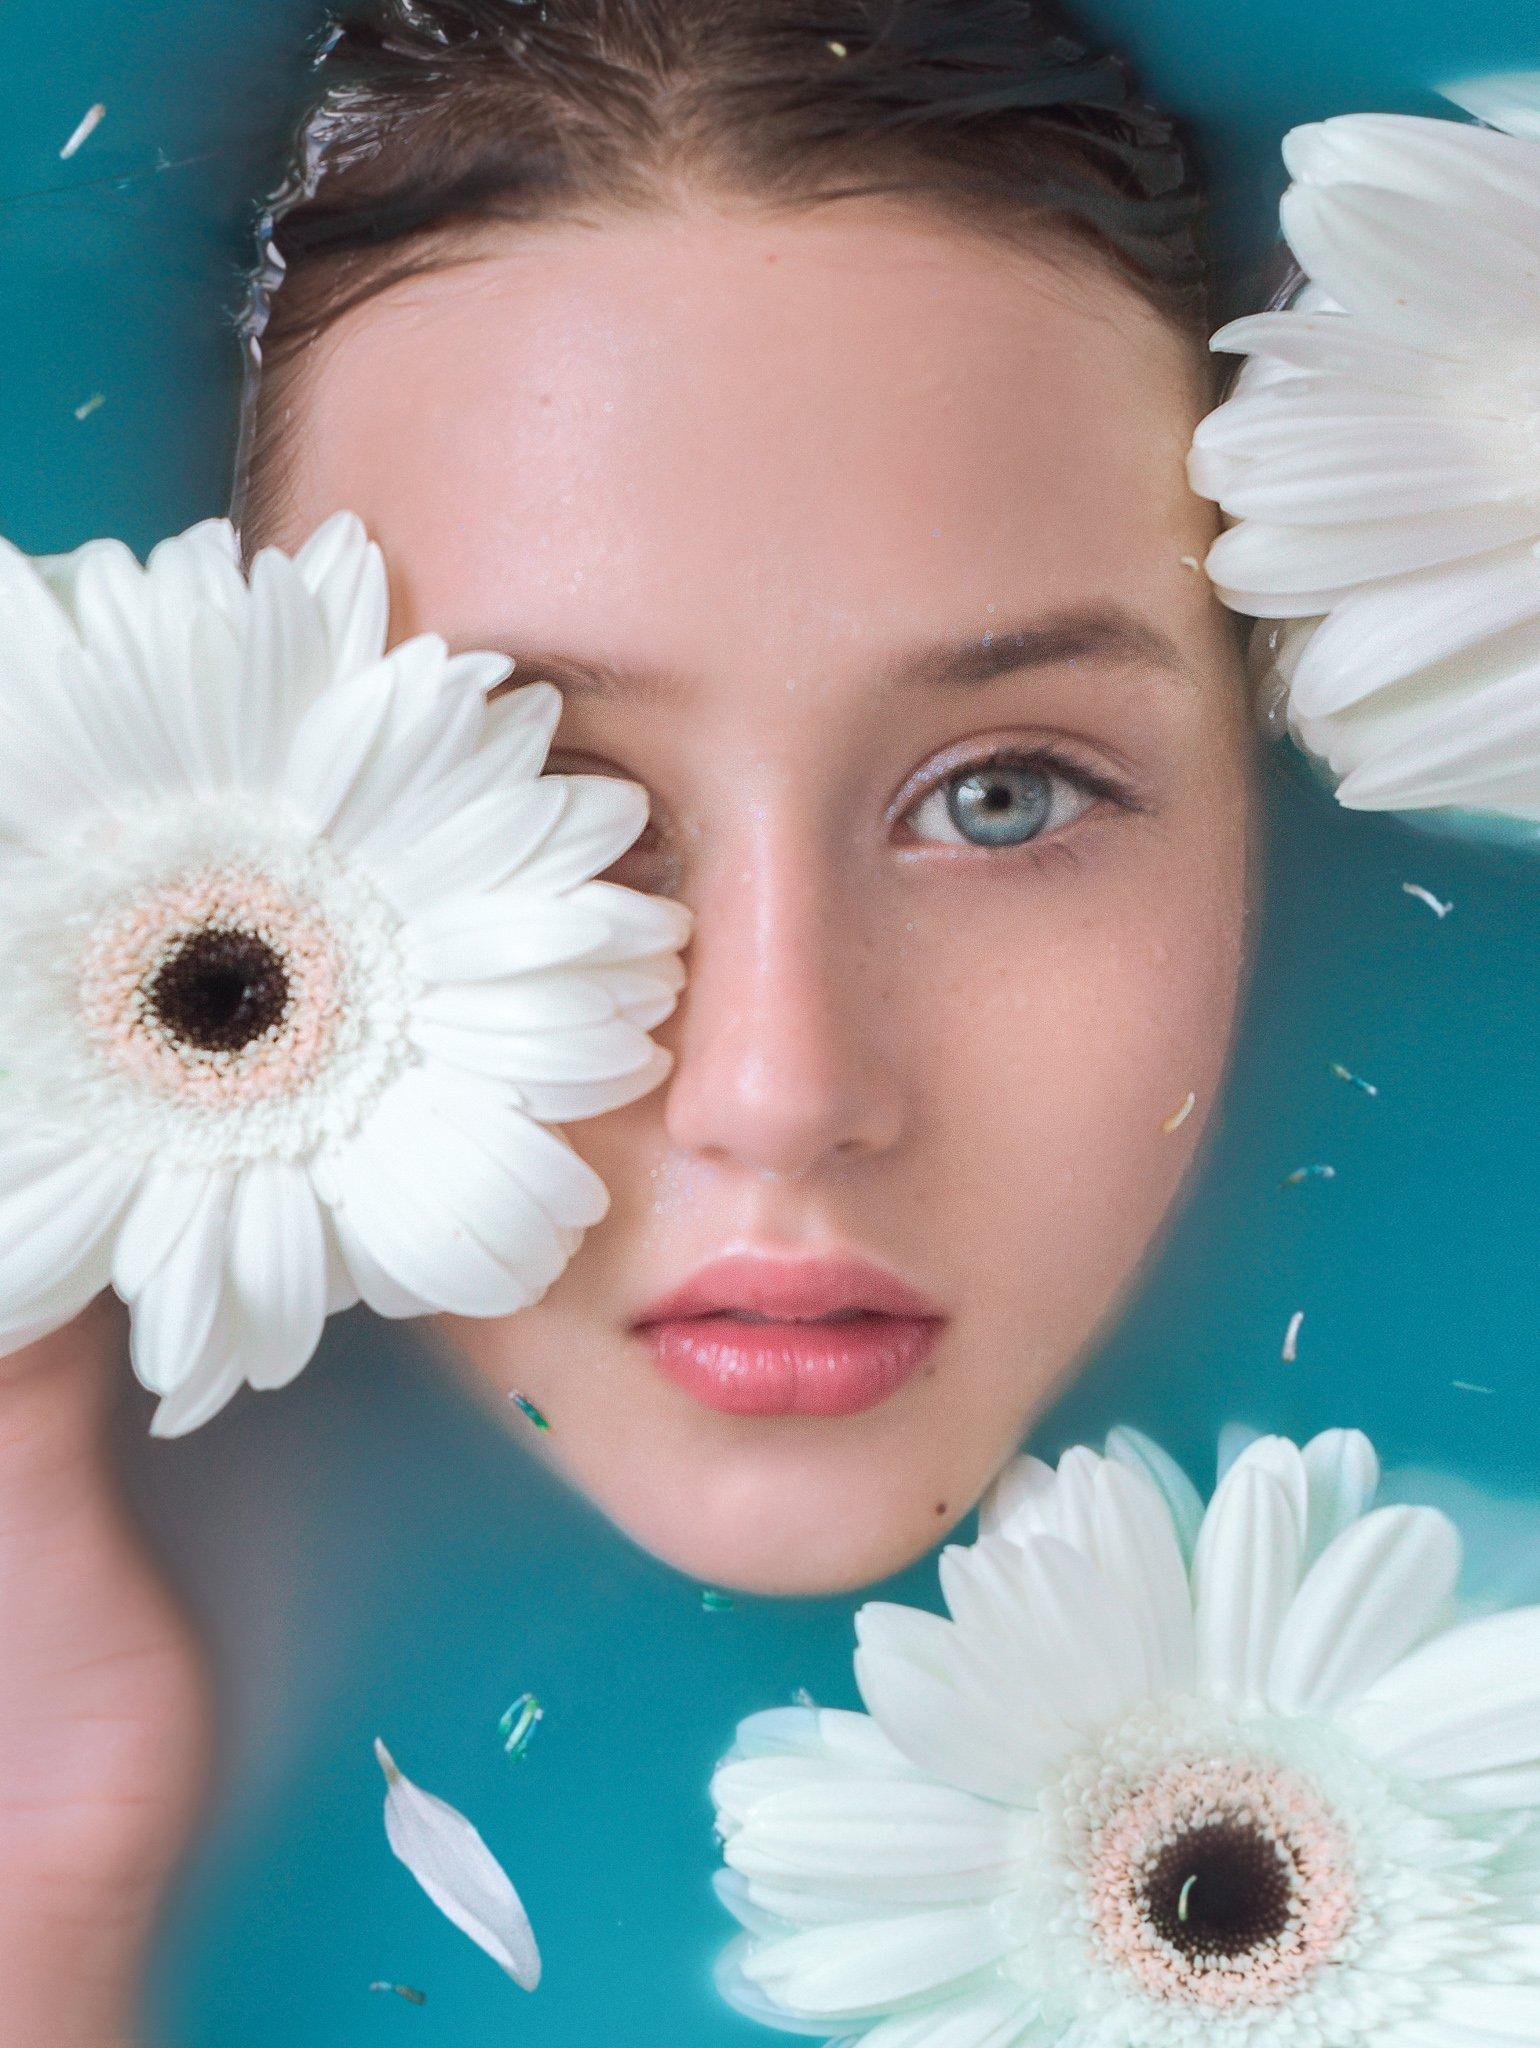 детский портрет детская фотосессия голубая вода герберы цветы жизни голубые глаза, Софья Ознобихина